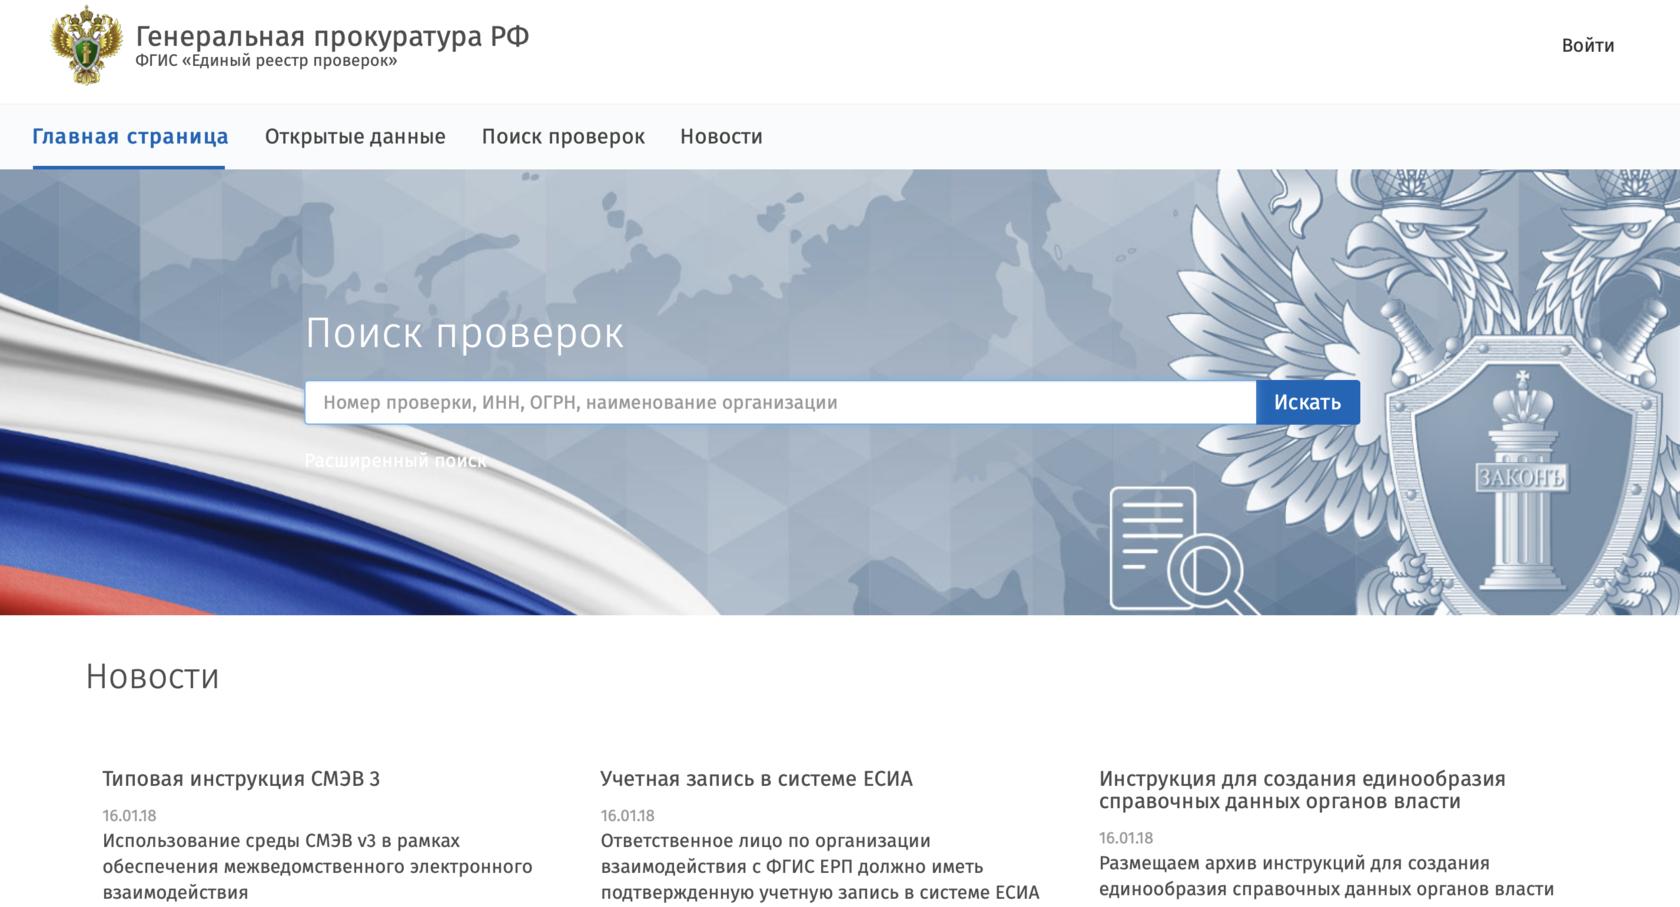 либеро компания официальный сайт